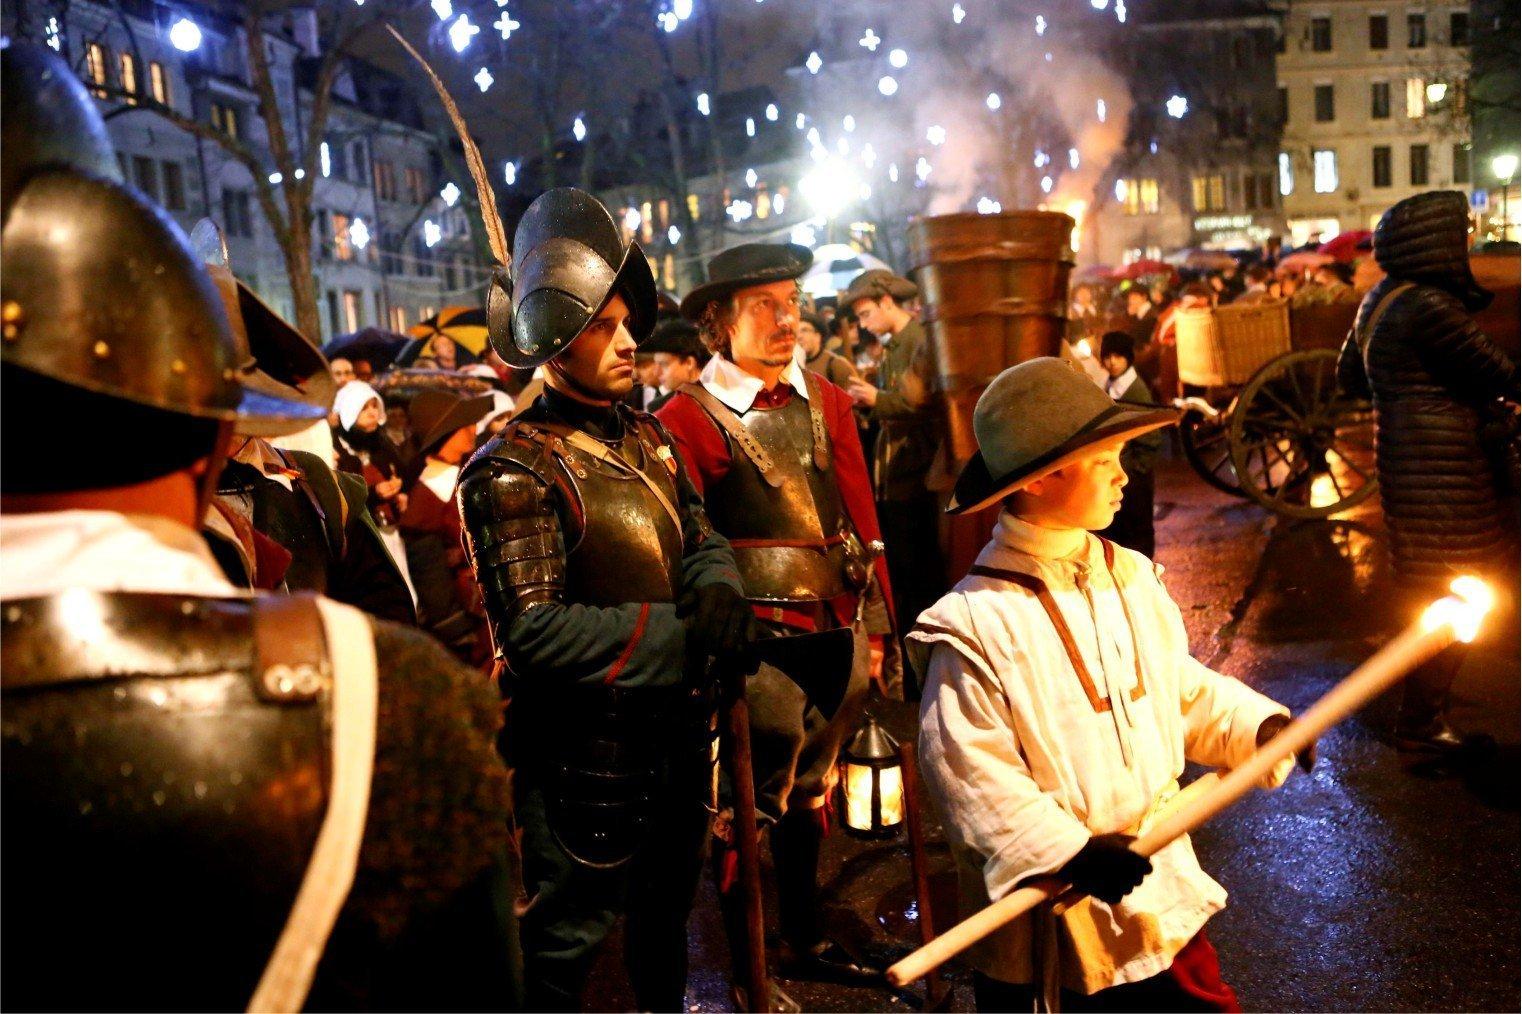 Fête de l'Escalade, Escalade Festival, Geneva. Эскалада, Женева